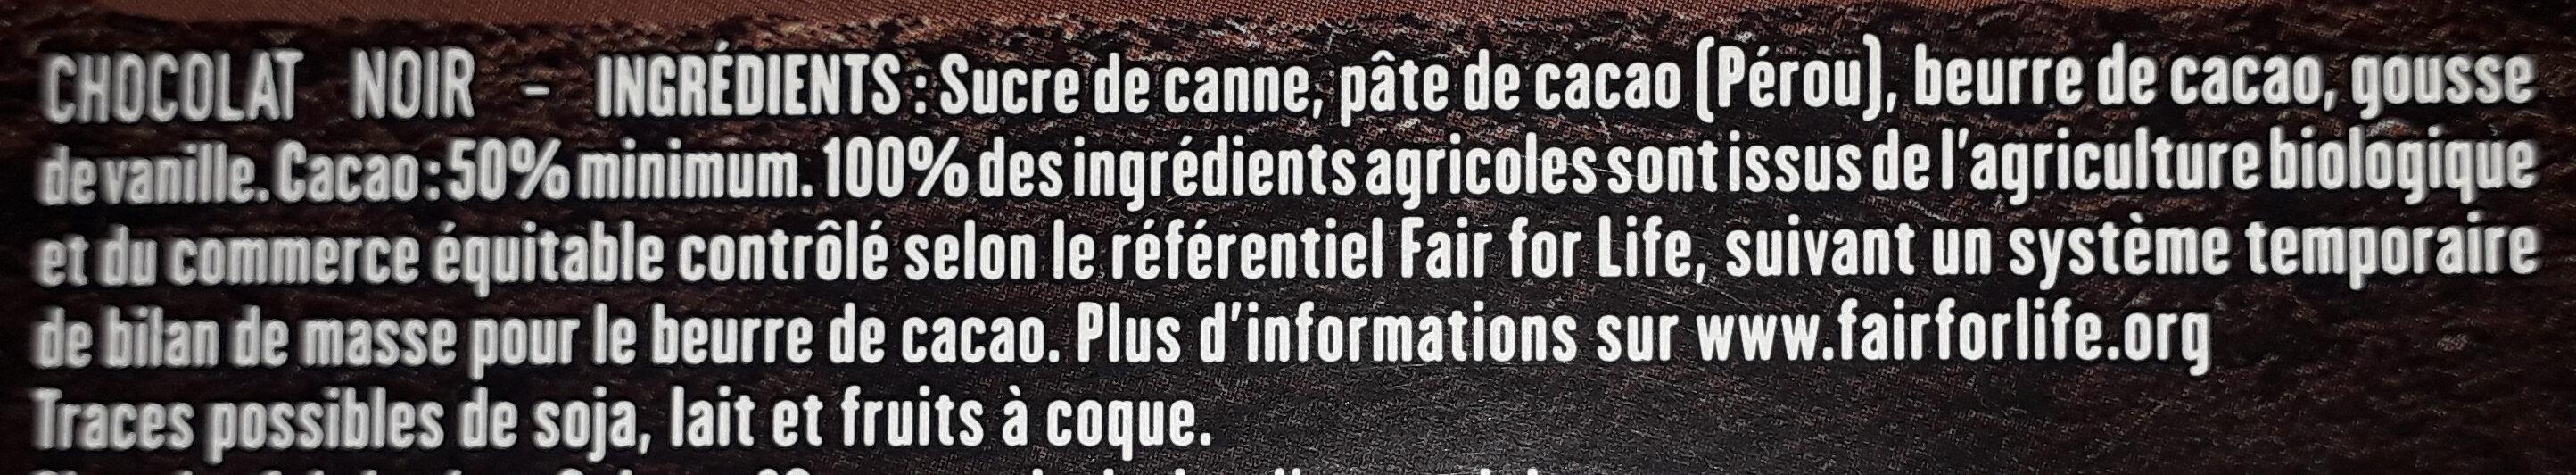 Tablette chocolat Noir dessert - Ingredients - fr